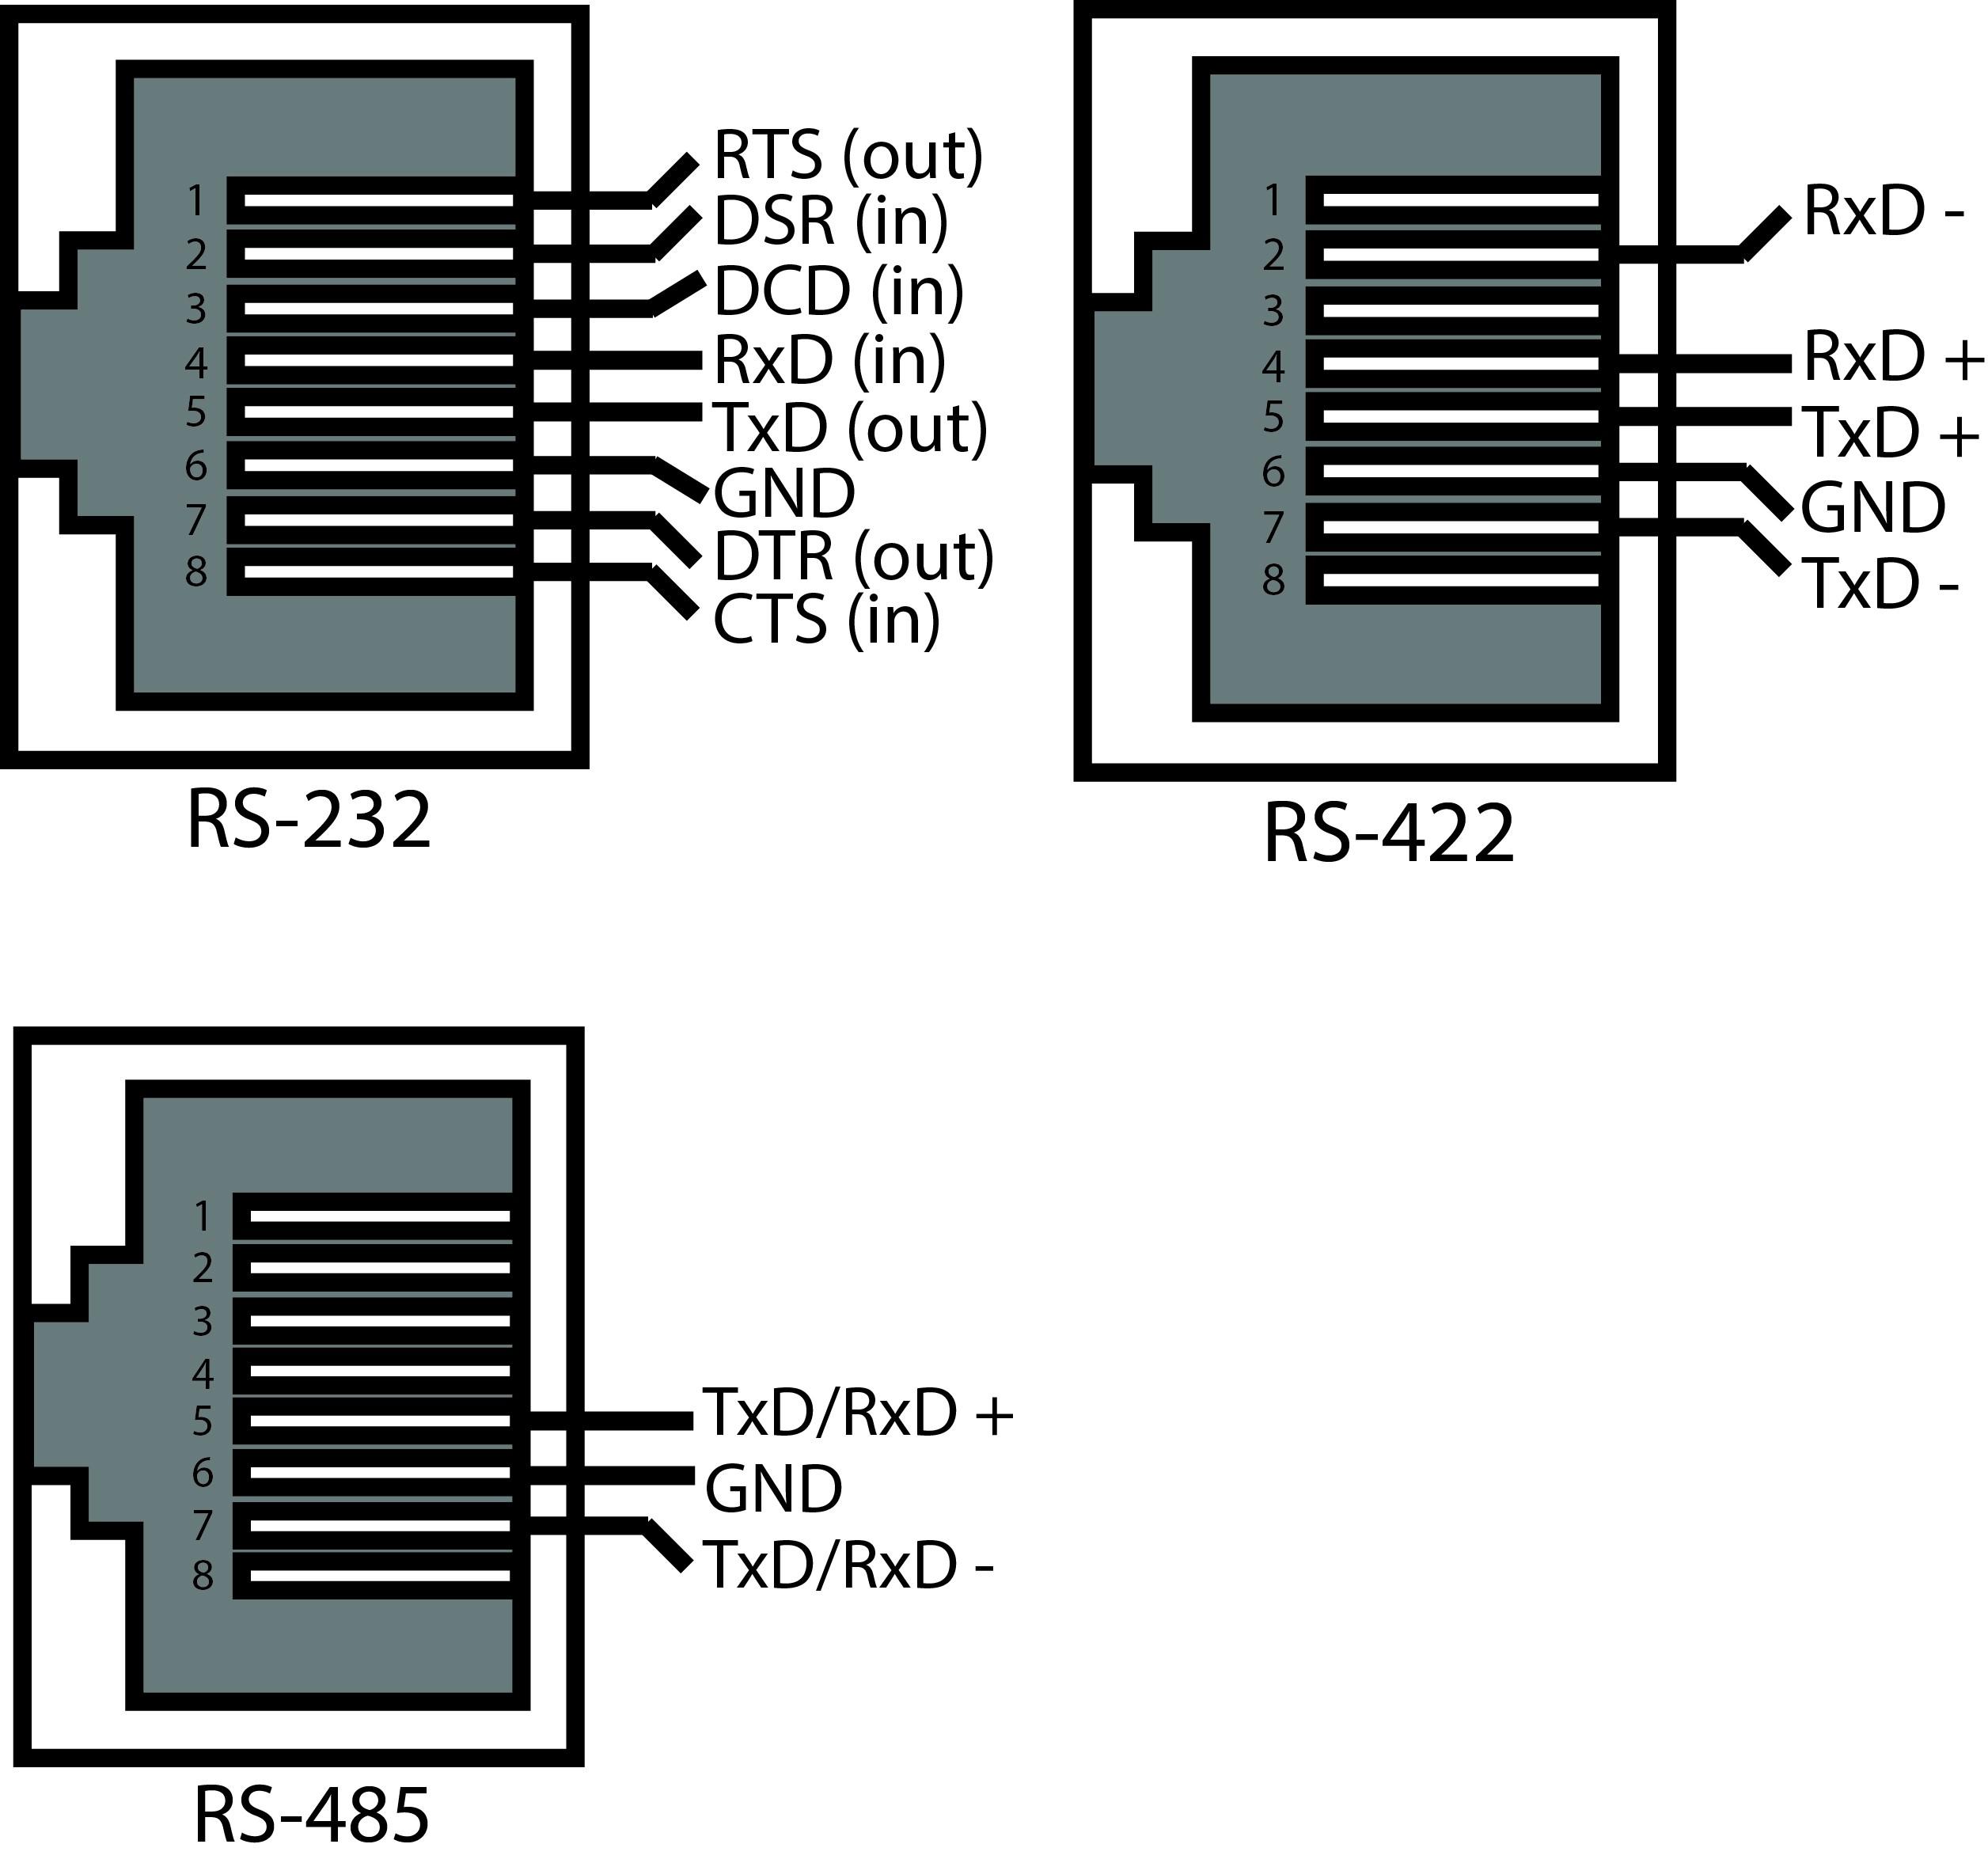 modbus wiring diagram wiring diagram postwrg 1178] rs485 wiring harness modbus wiring diagram source rs 485